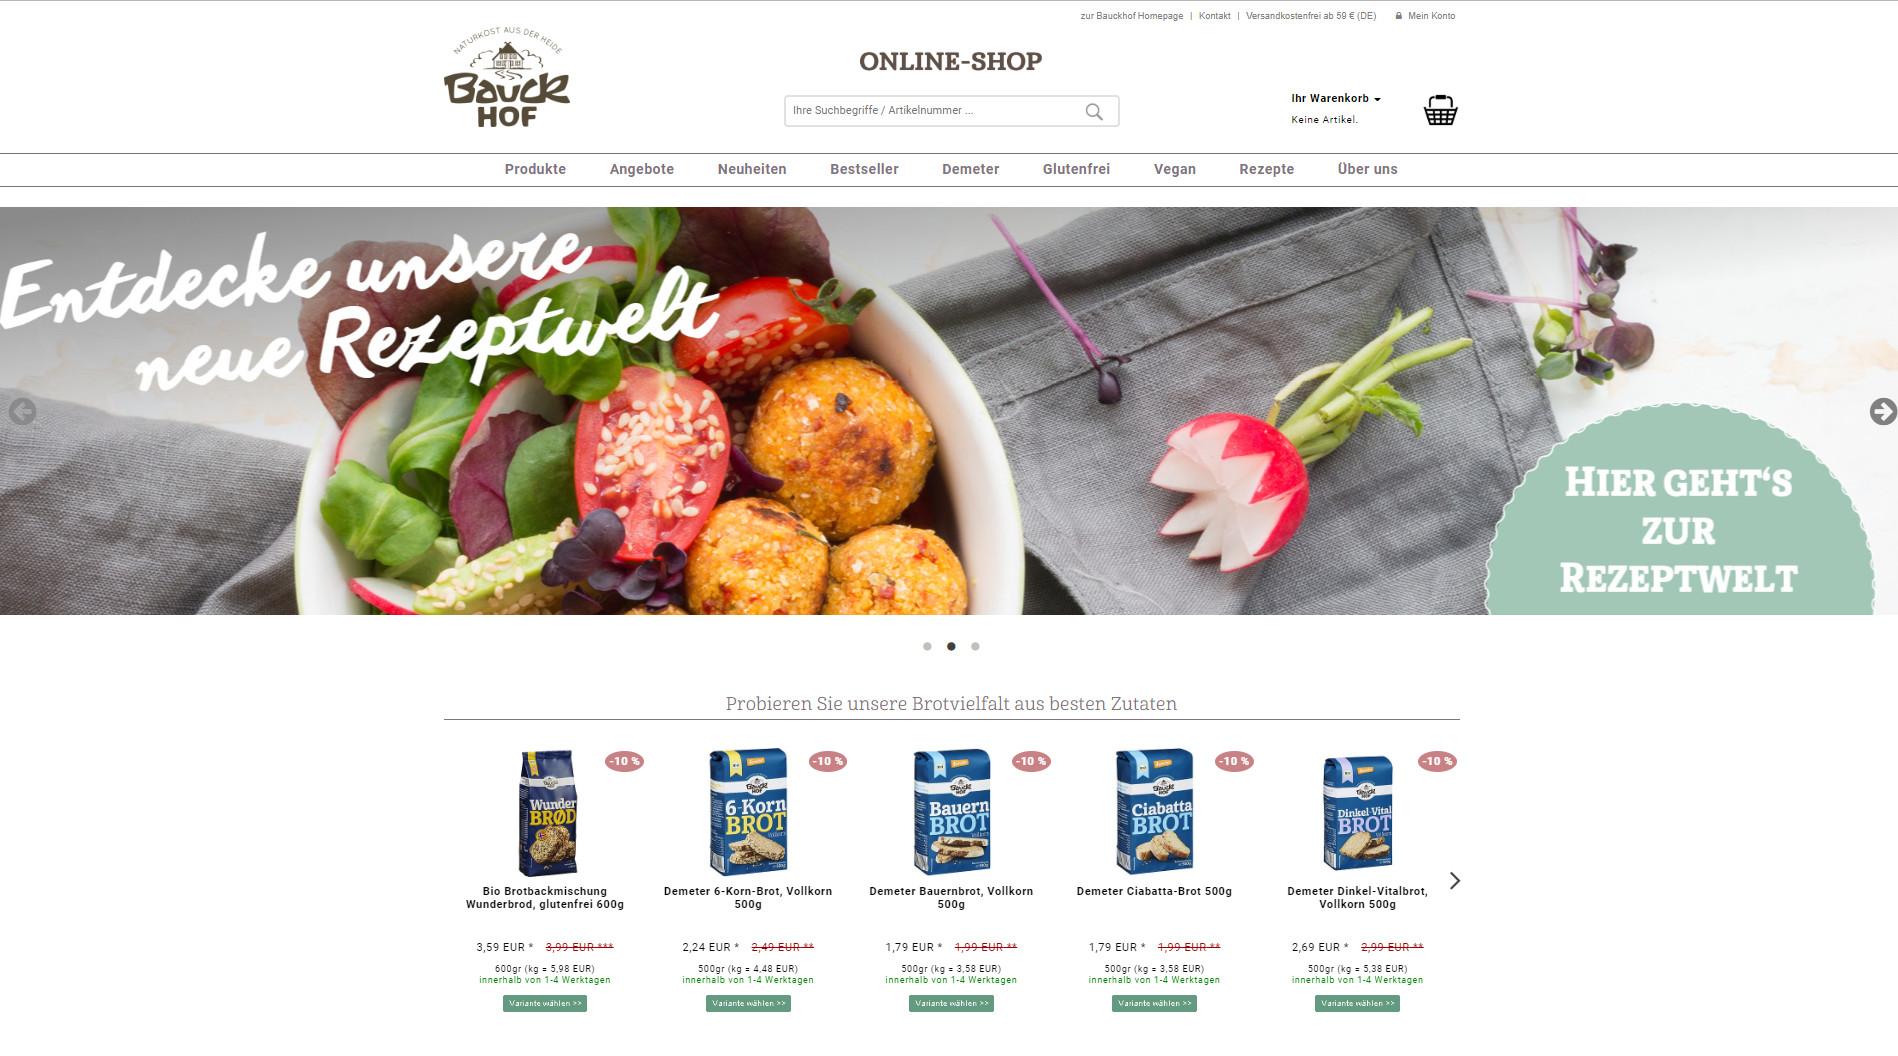 News Foto Bauck Online Shop - Mit Herz, Mühle und SAP: Bauckhof setzt auf Innovafood